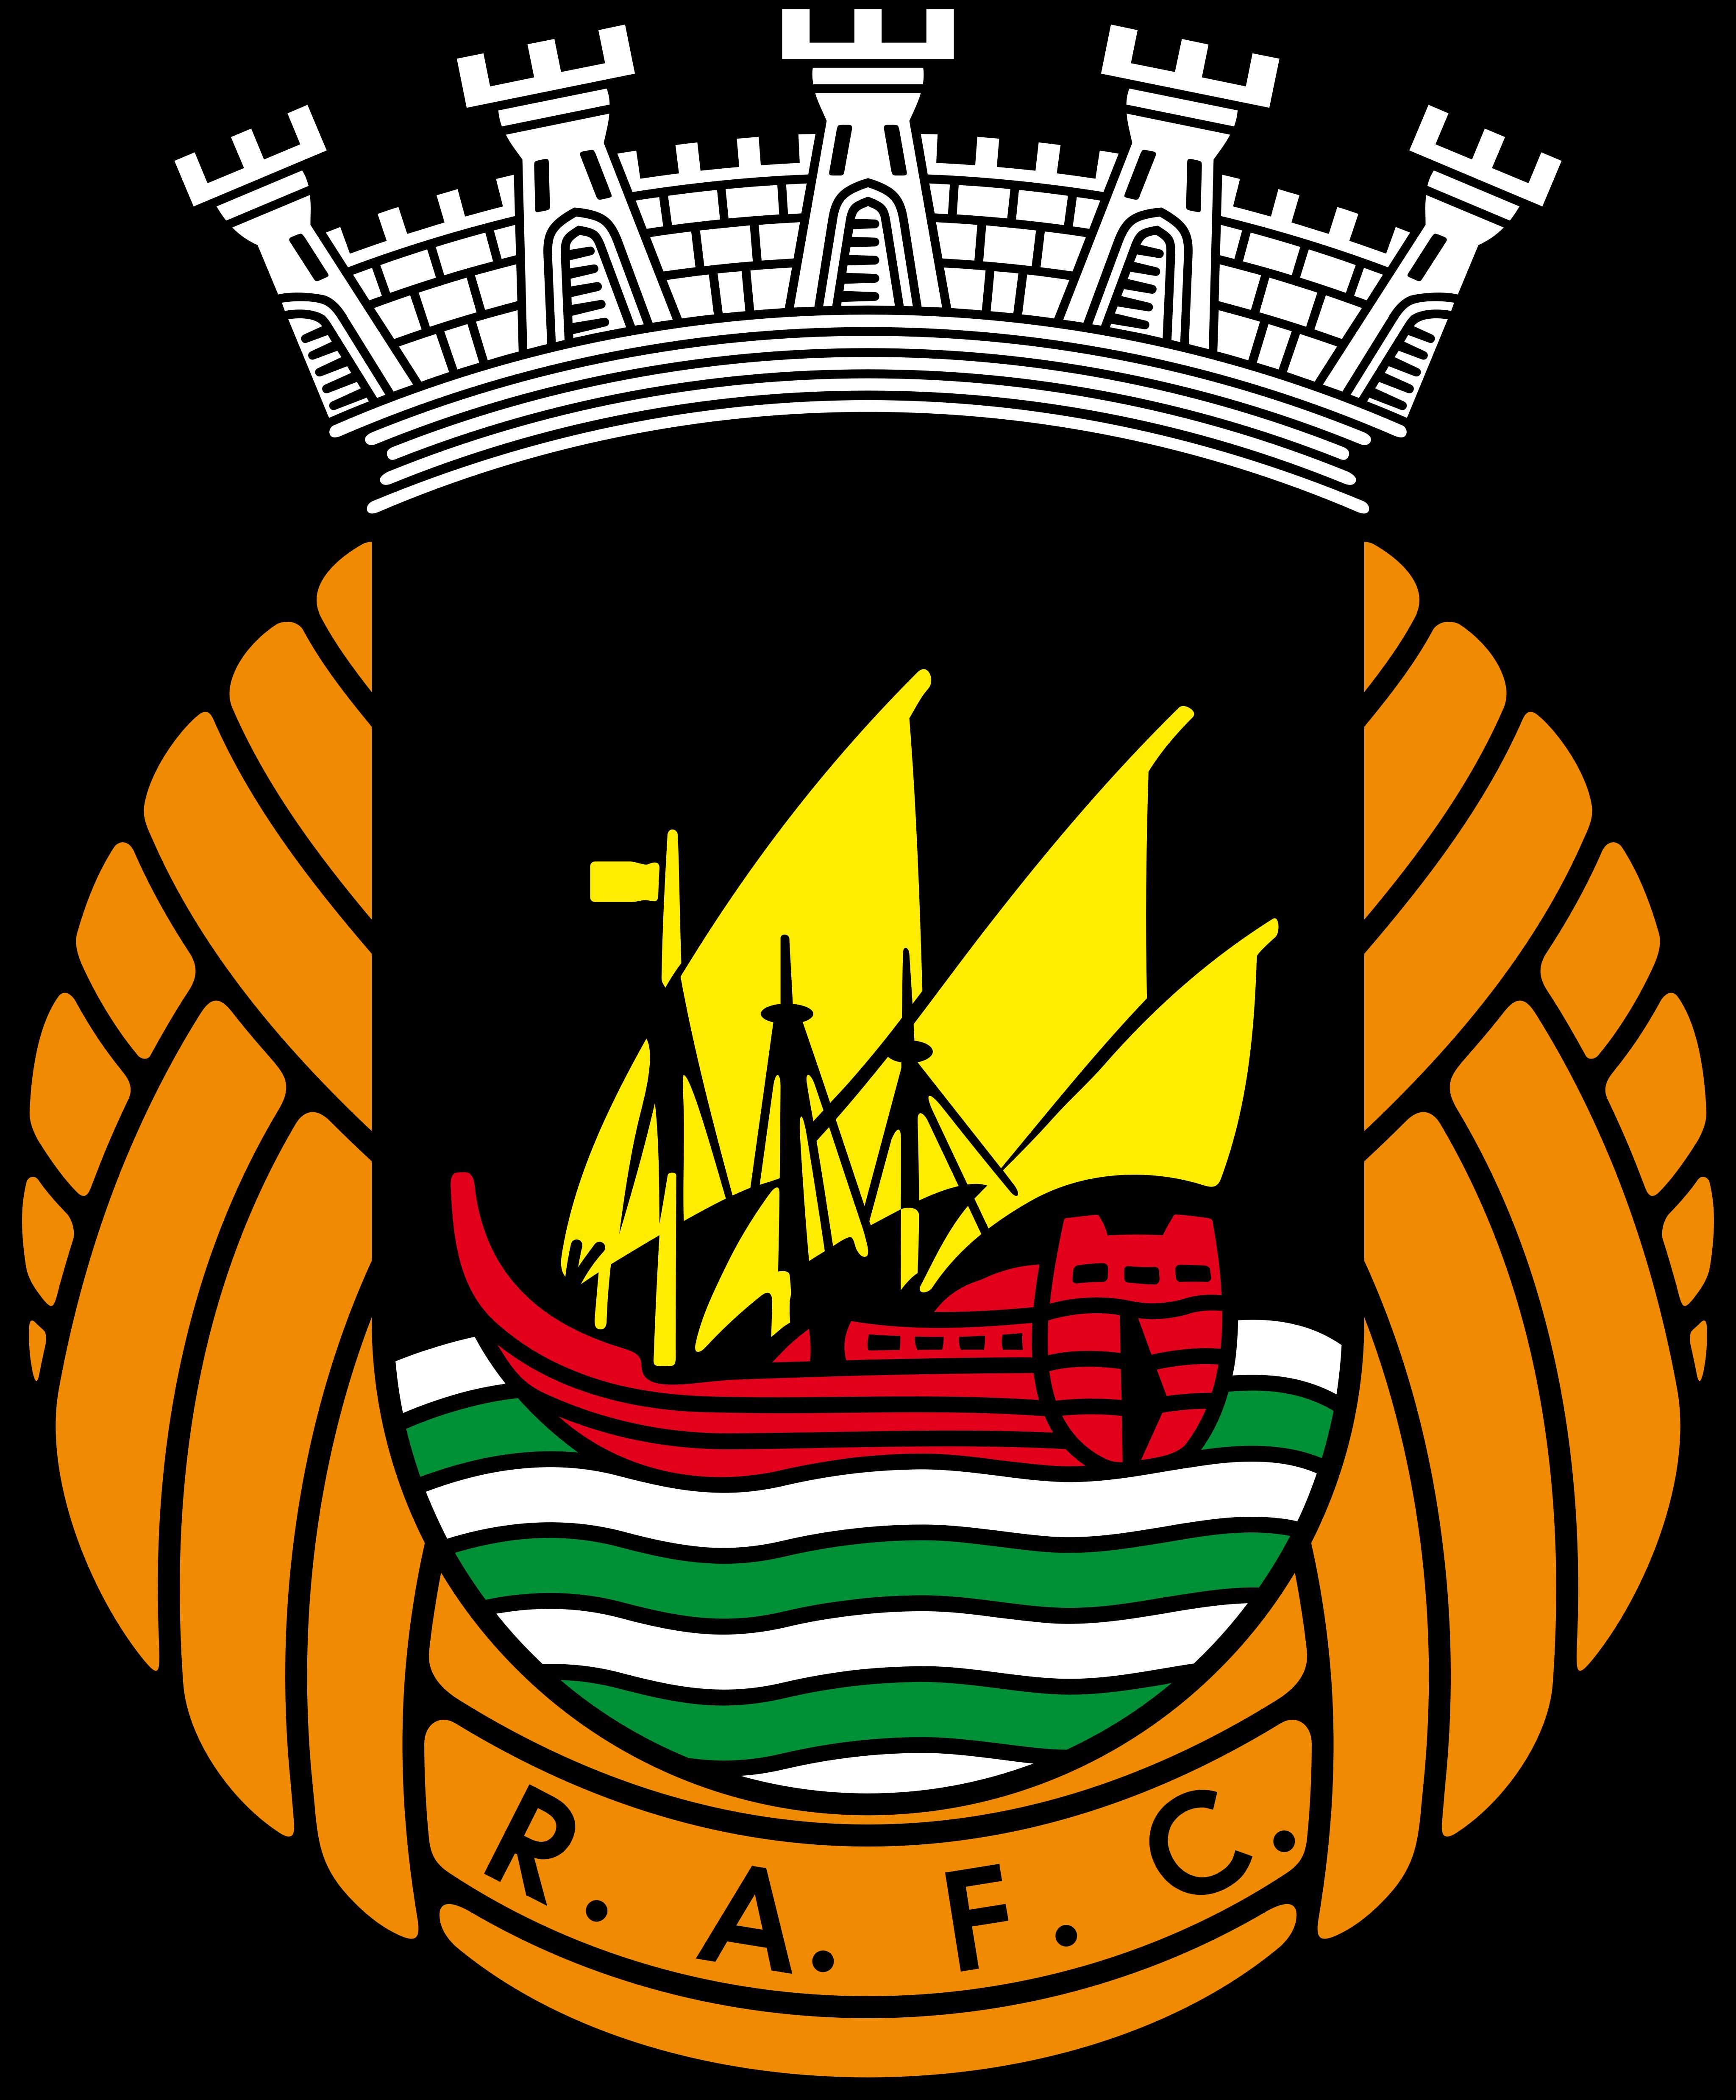 rio ave fc logo - Rio Ave FC Logo